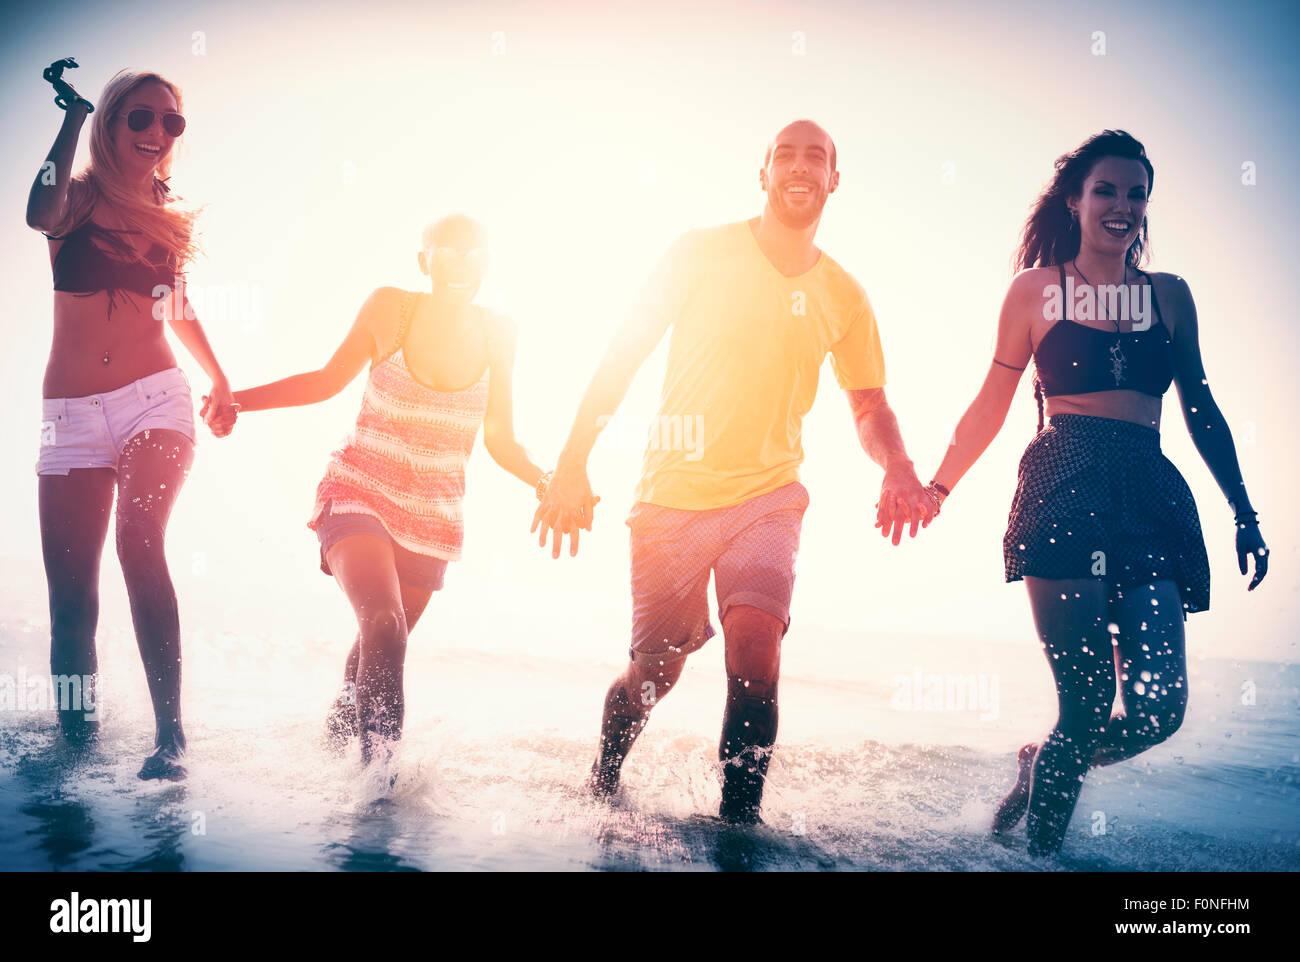 Freundschaft Freedom Beach Sommerurlaub Konzept Stockfoto